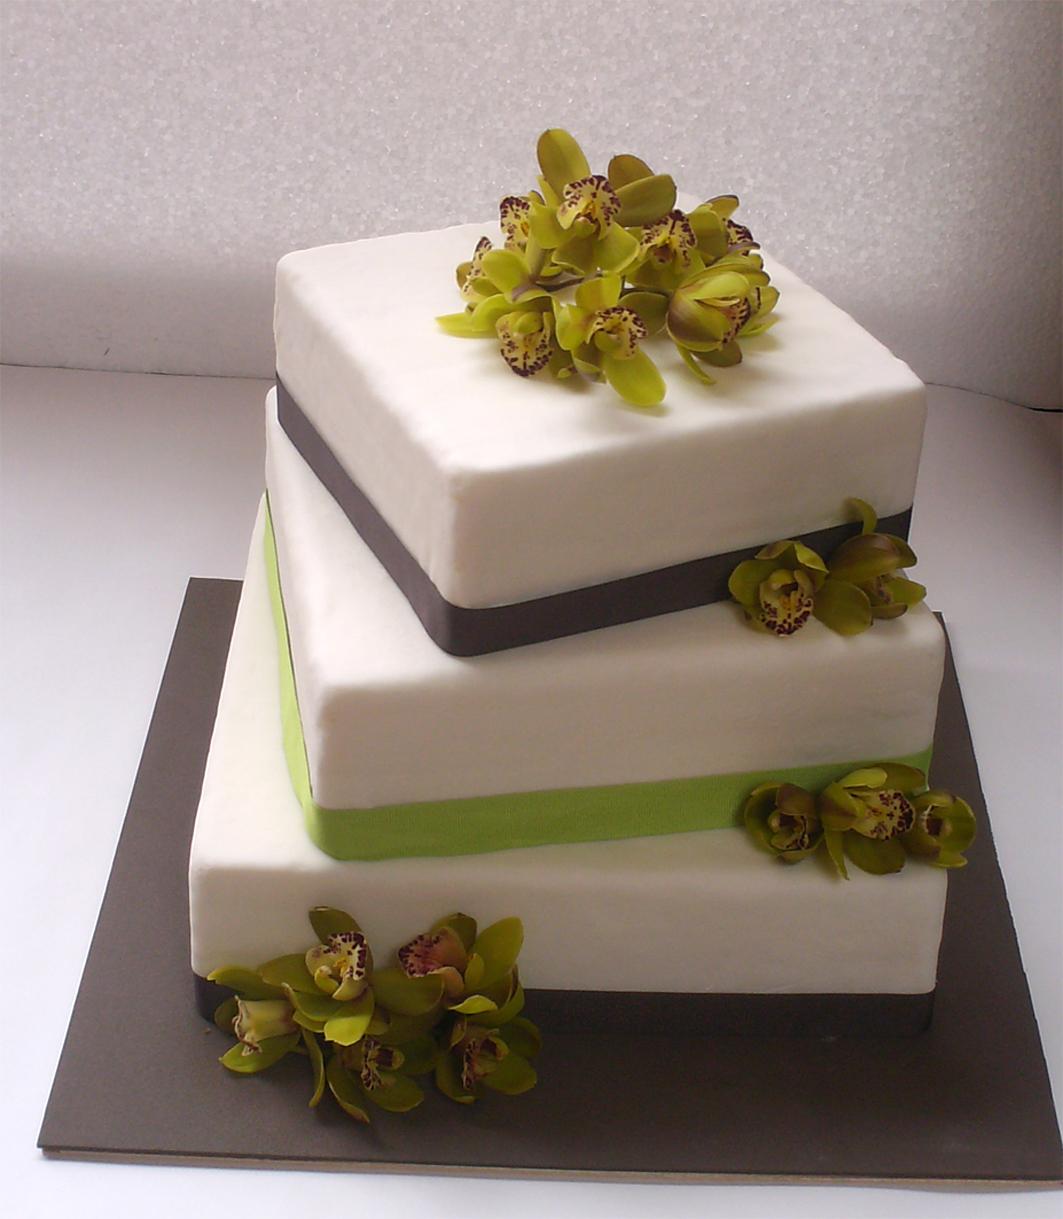 Torta cuadrada de tres pisos, organizada asimétricamente, decorada en